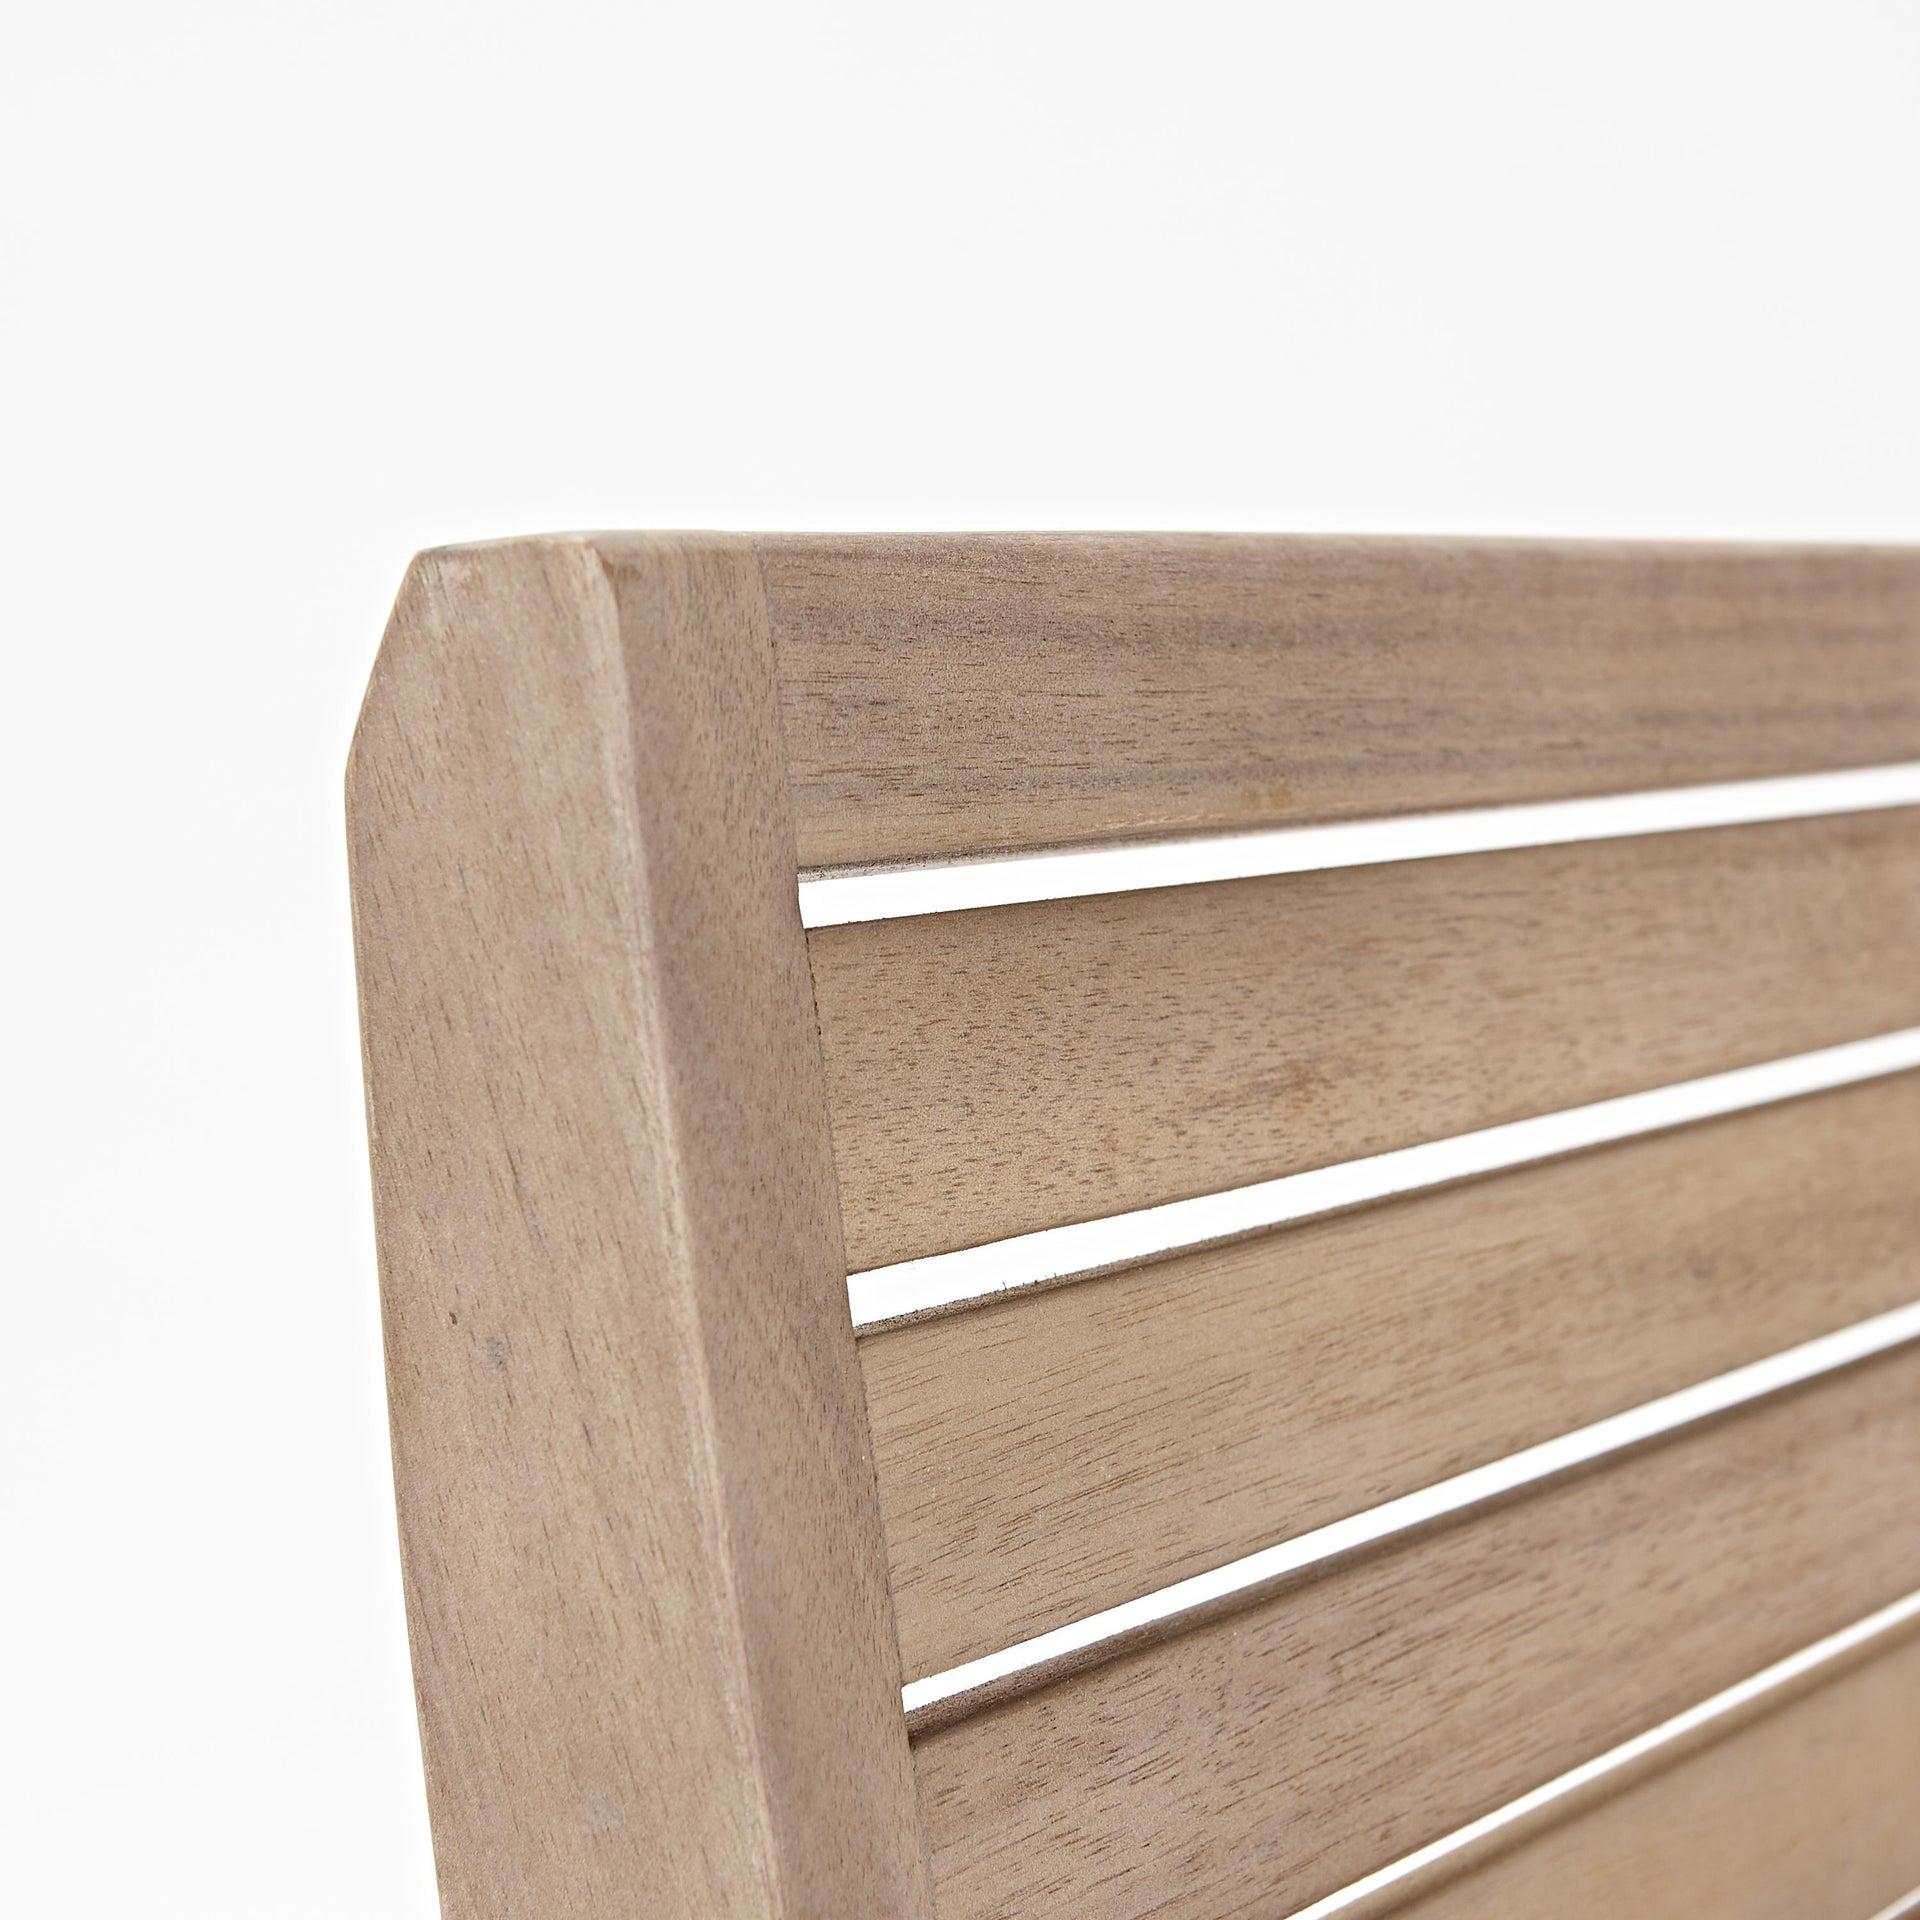 Sedia con braccioli senza cuscino pieghevole in legno Solaris NATERIAL colore acacia - 18